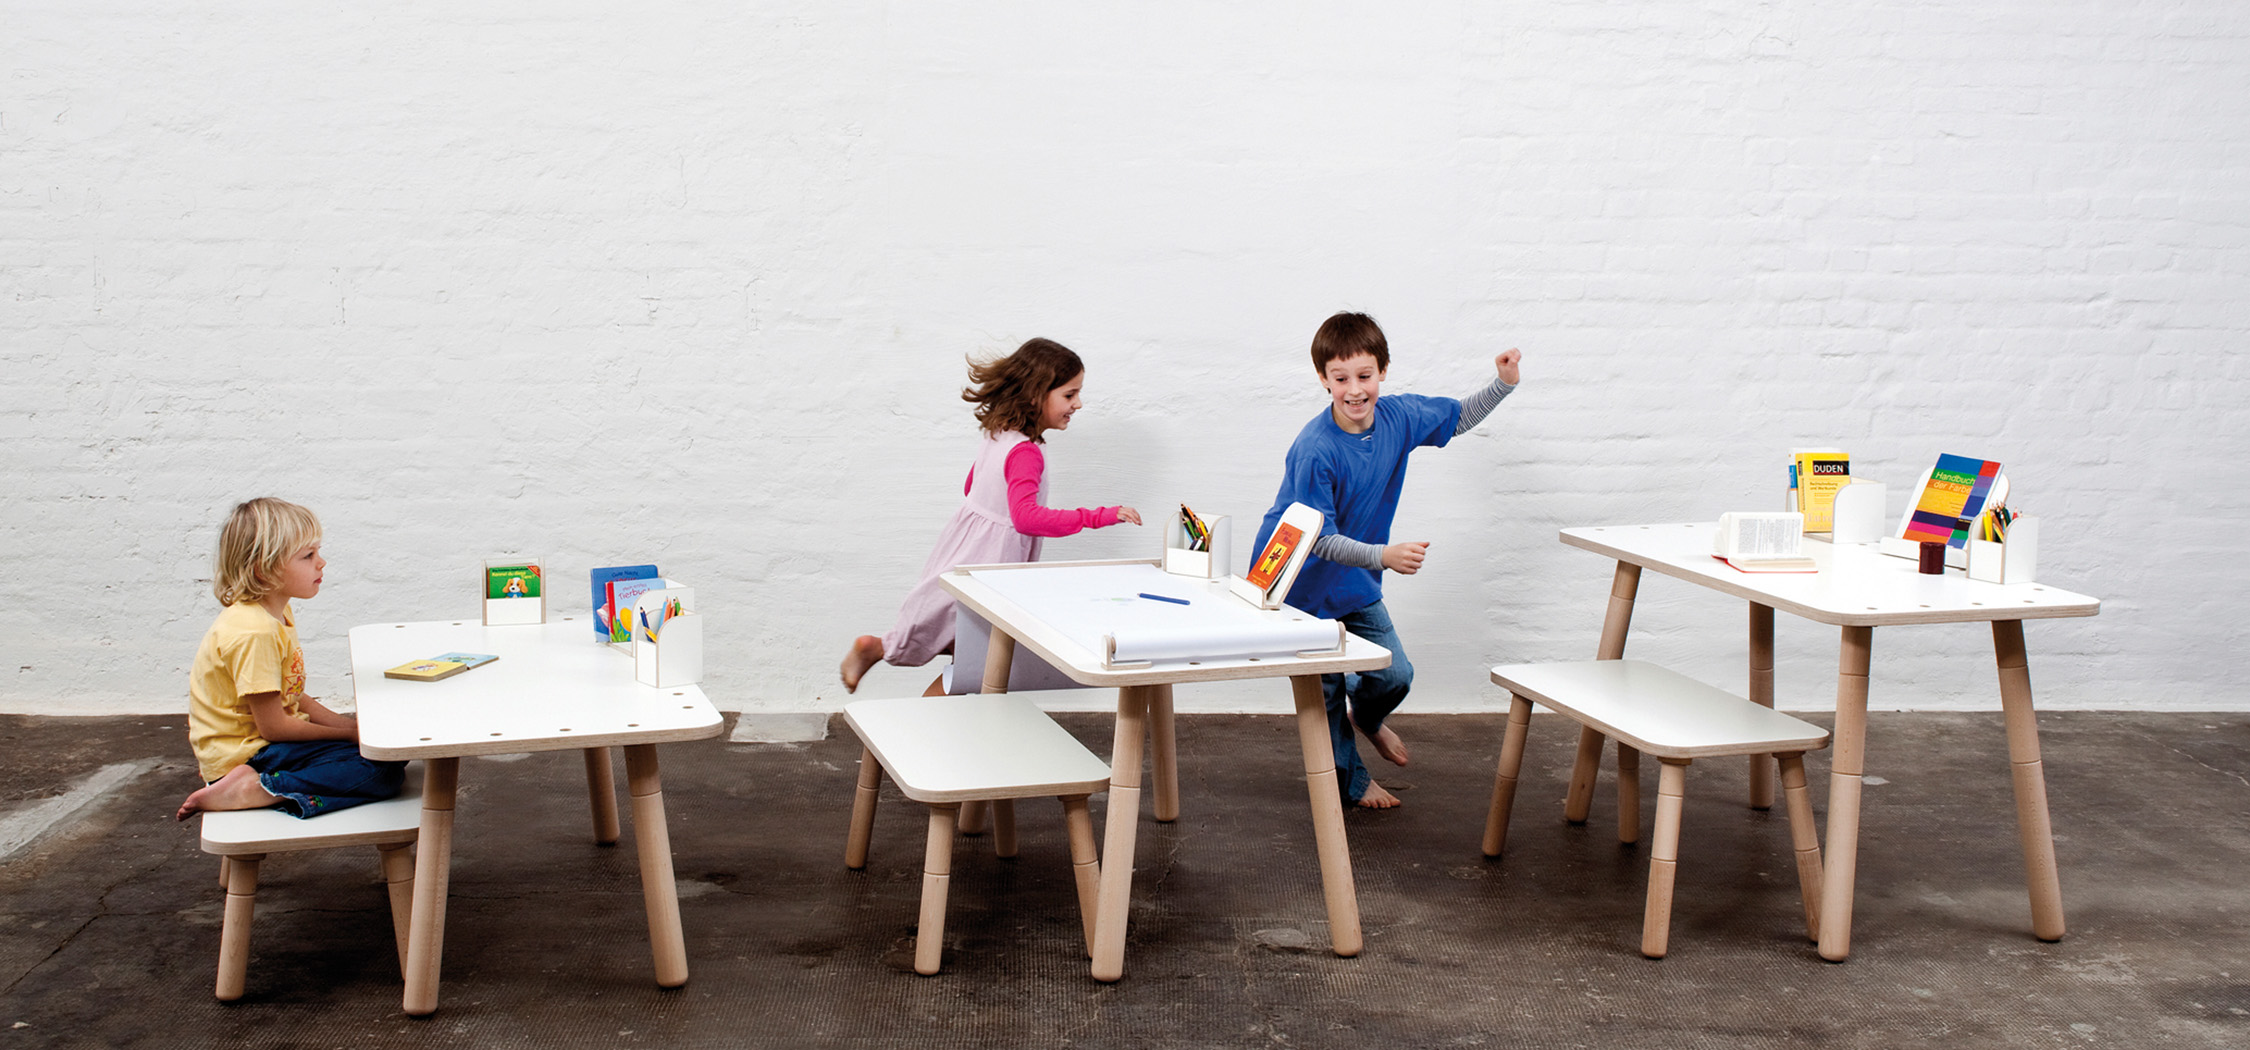 Drei verschiedene Beispiele der Höhenverstellung beim growing table mit spielenden Kindern im Hintergrund